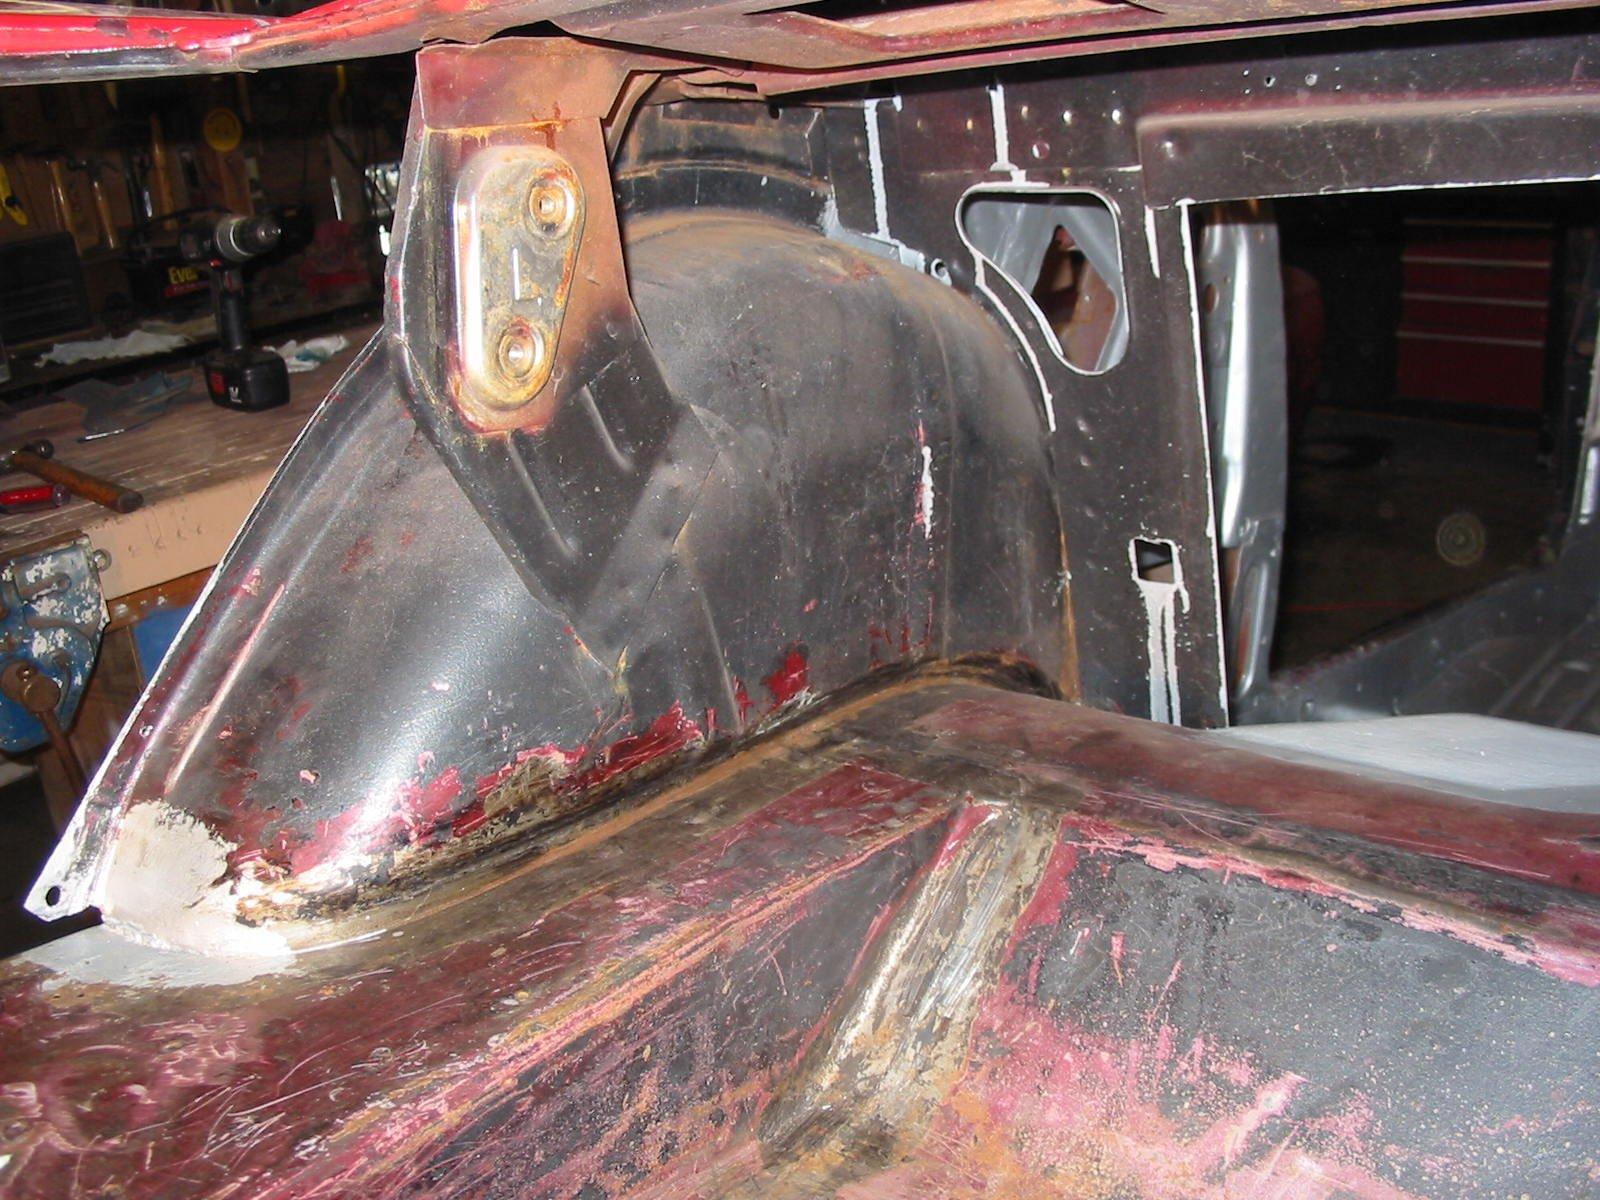 1965 Mustang Gas Tank Wiring - Find Wiring Diagram •